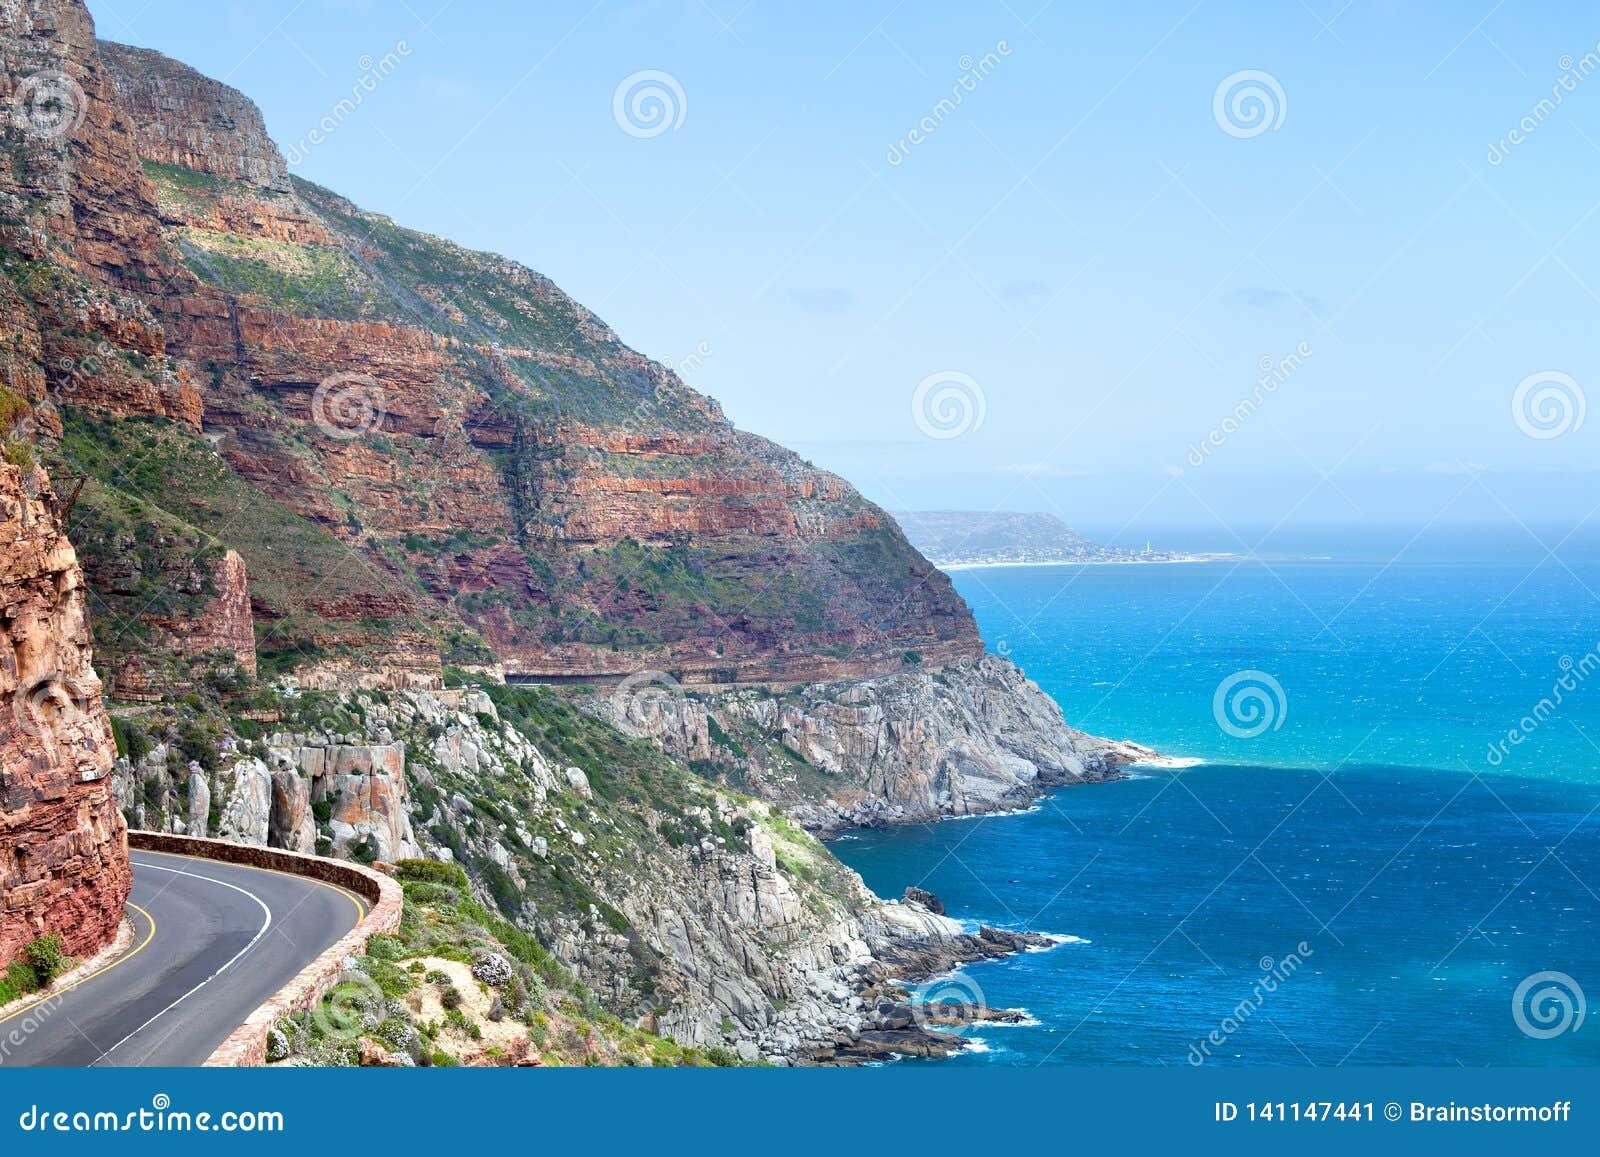 Estrada ao longo da costa de mar, seascape da montanha da água do oceano de turquesa, paisagem bonita do Mountain View, Cape Town